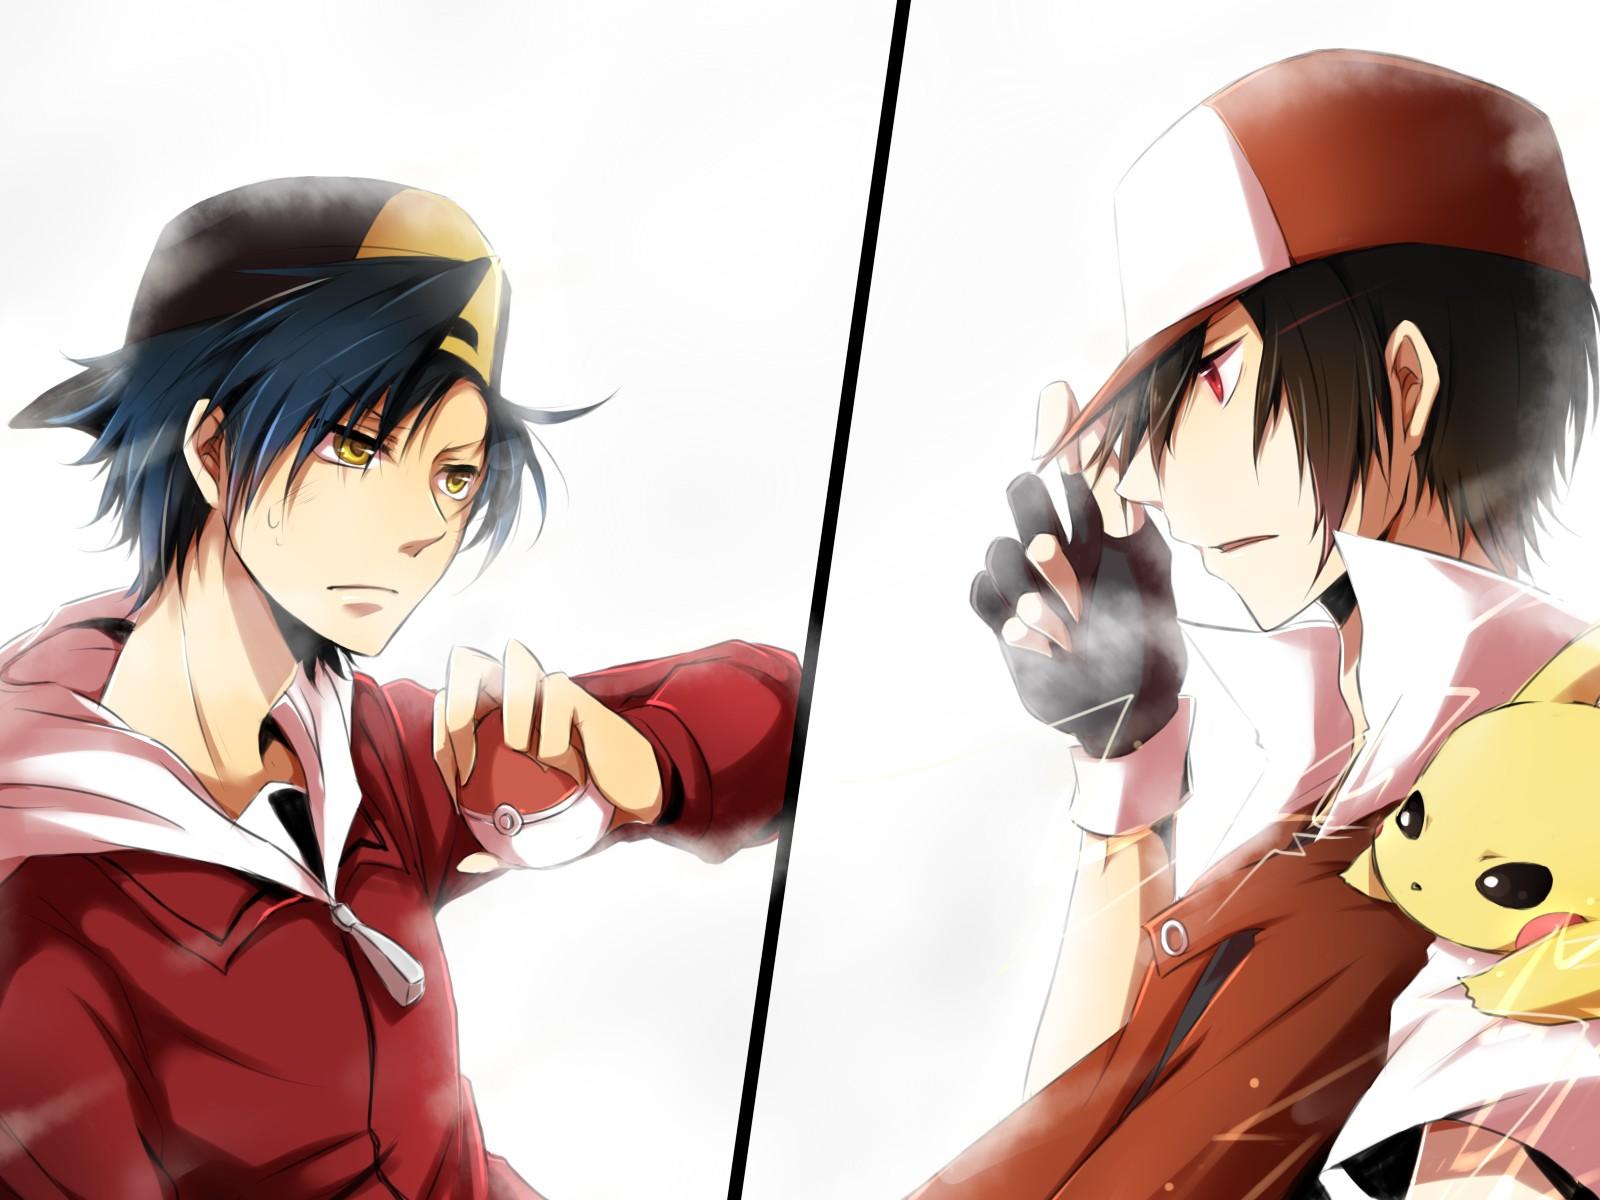 Red pok mon wallpaper zerochan anime image board - Fanart anime wallpaper ...